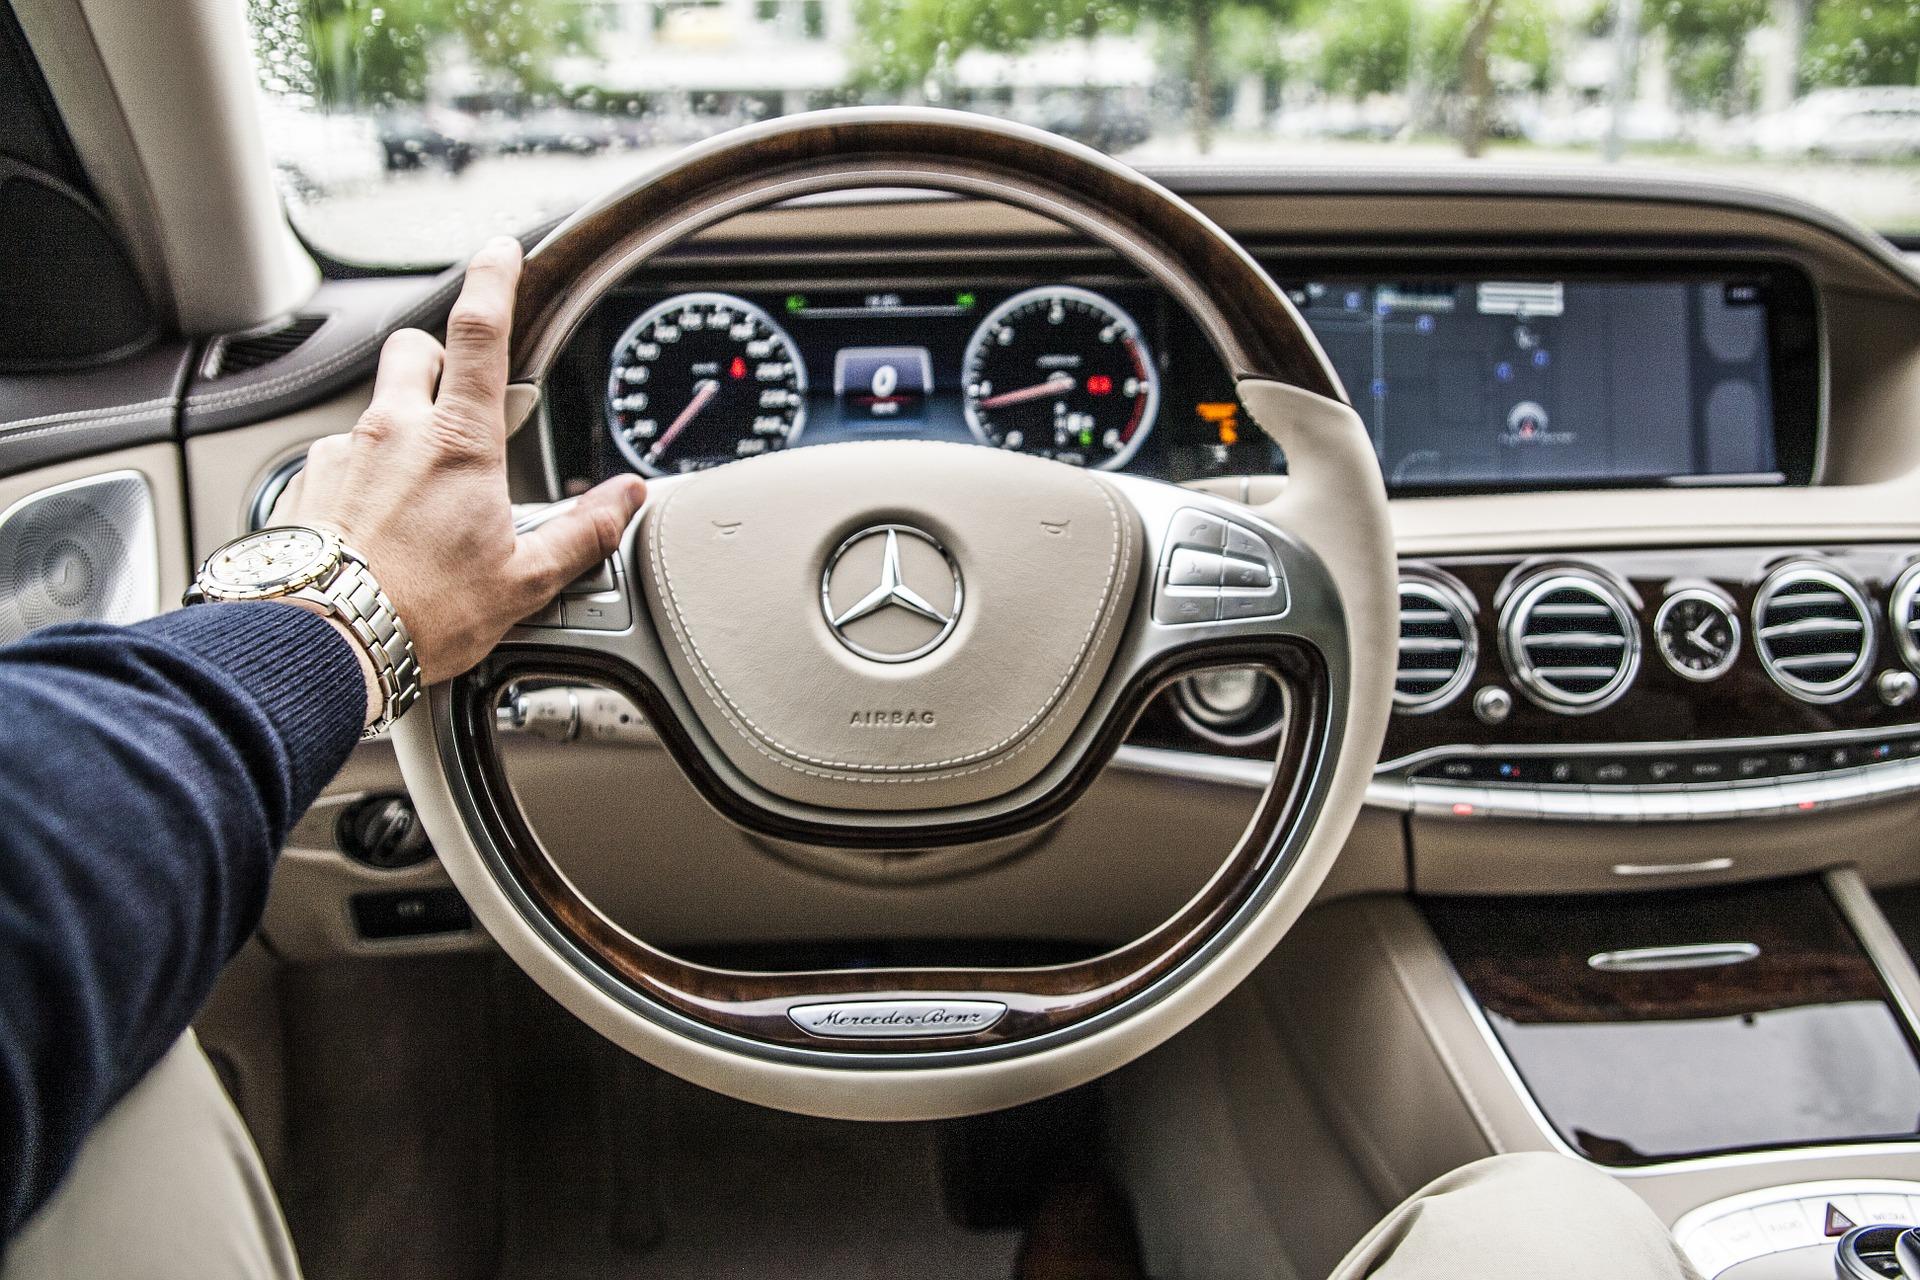 מה צריך לבדוק לפני שקונים רכב יד שנייה?